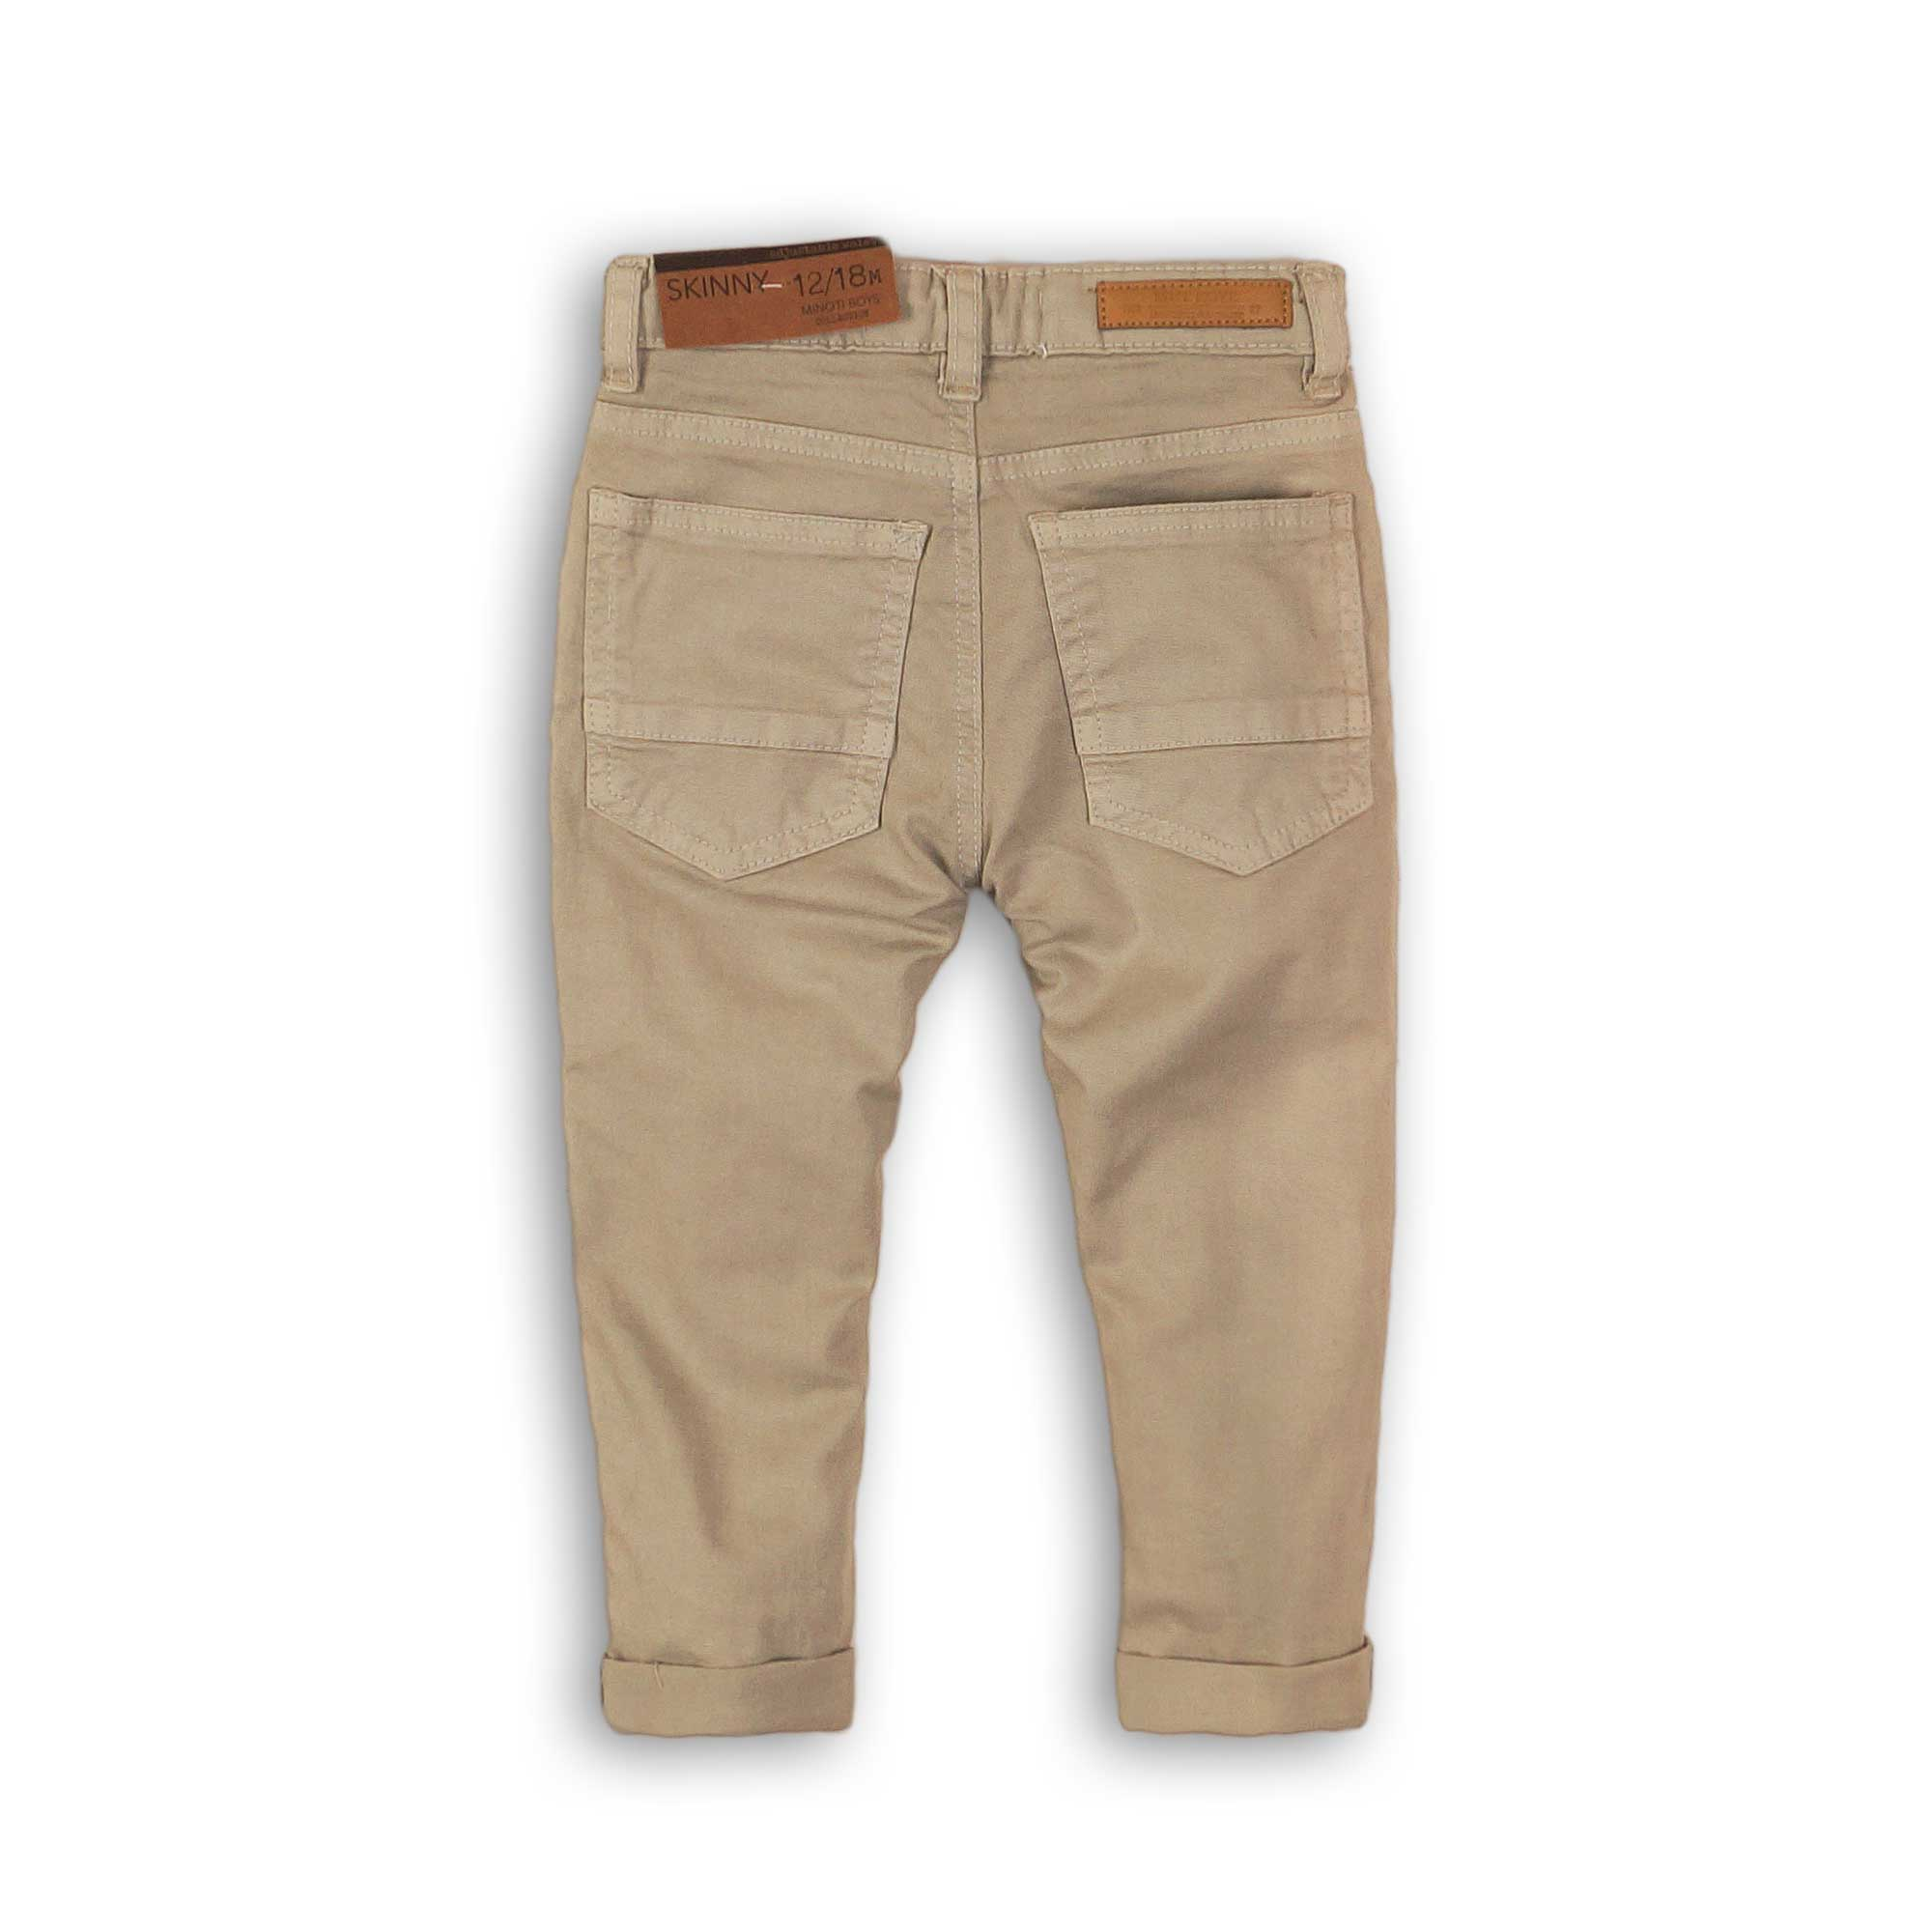 Pantalón con bolsillos inclinados